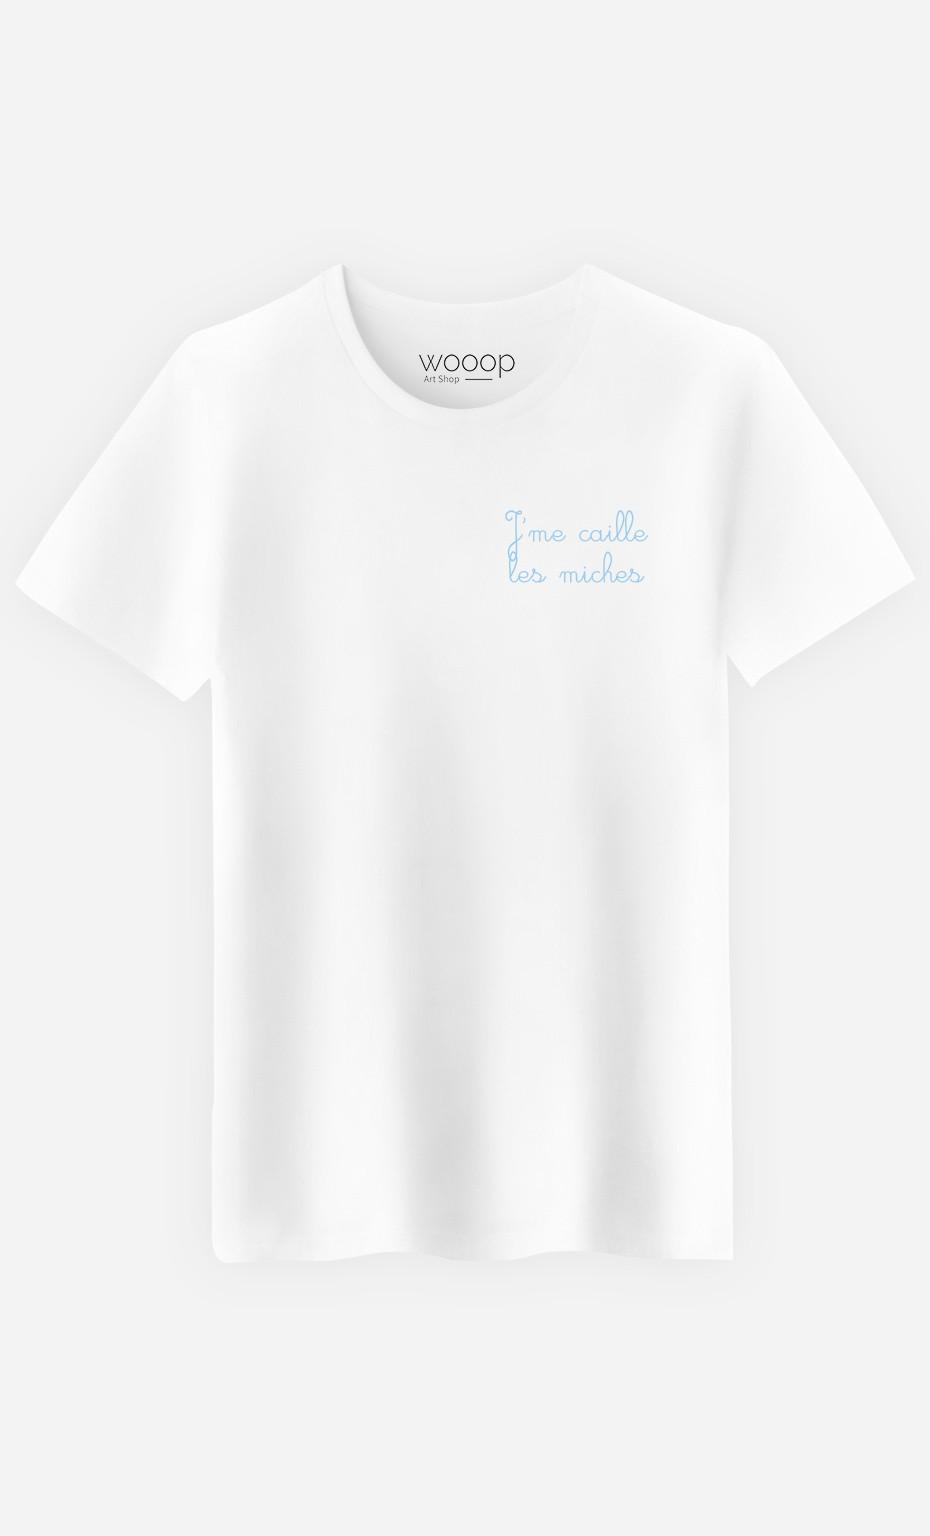 T-Shirt Homme J'me Caille les Miches - Brodé